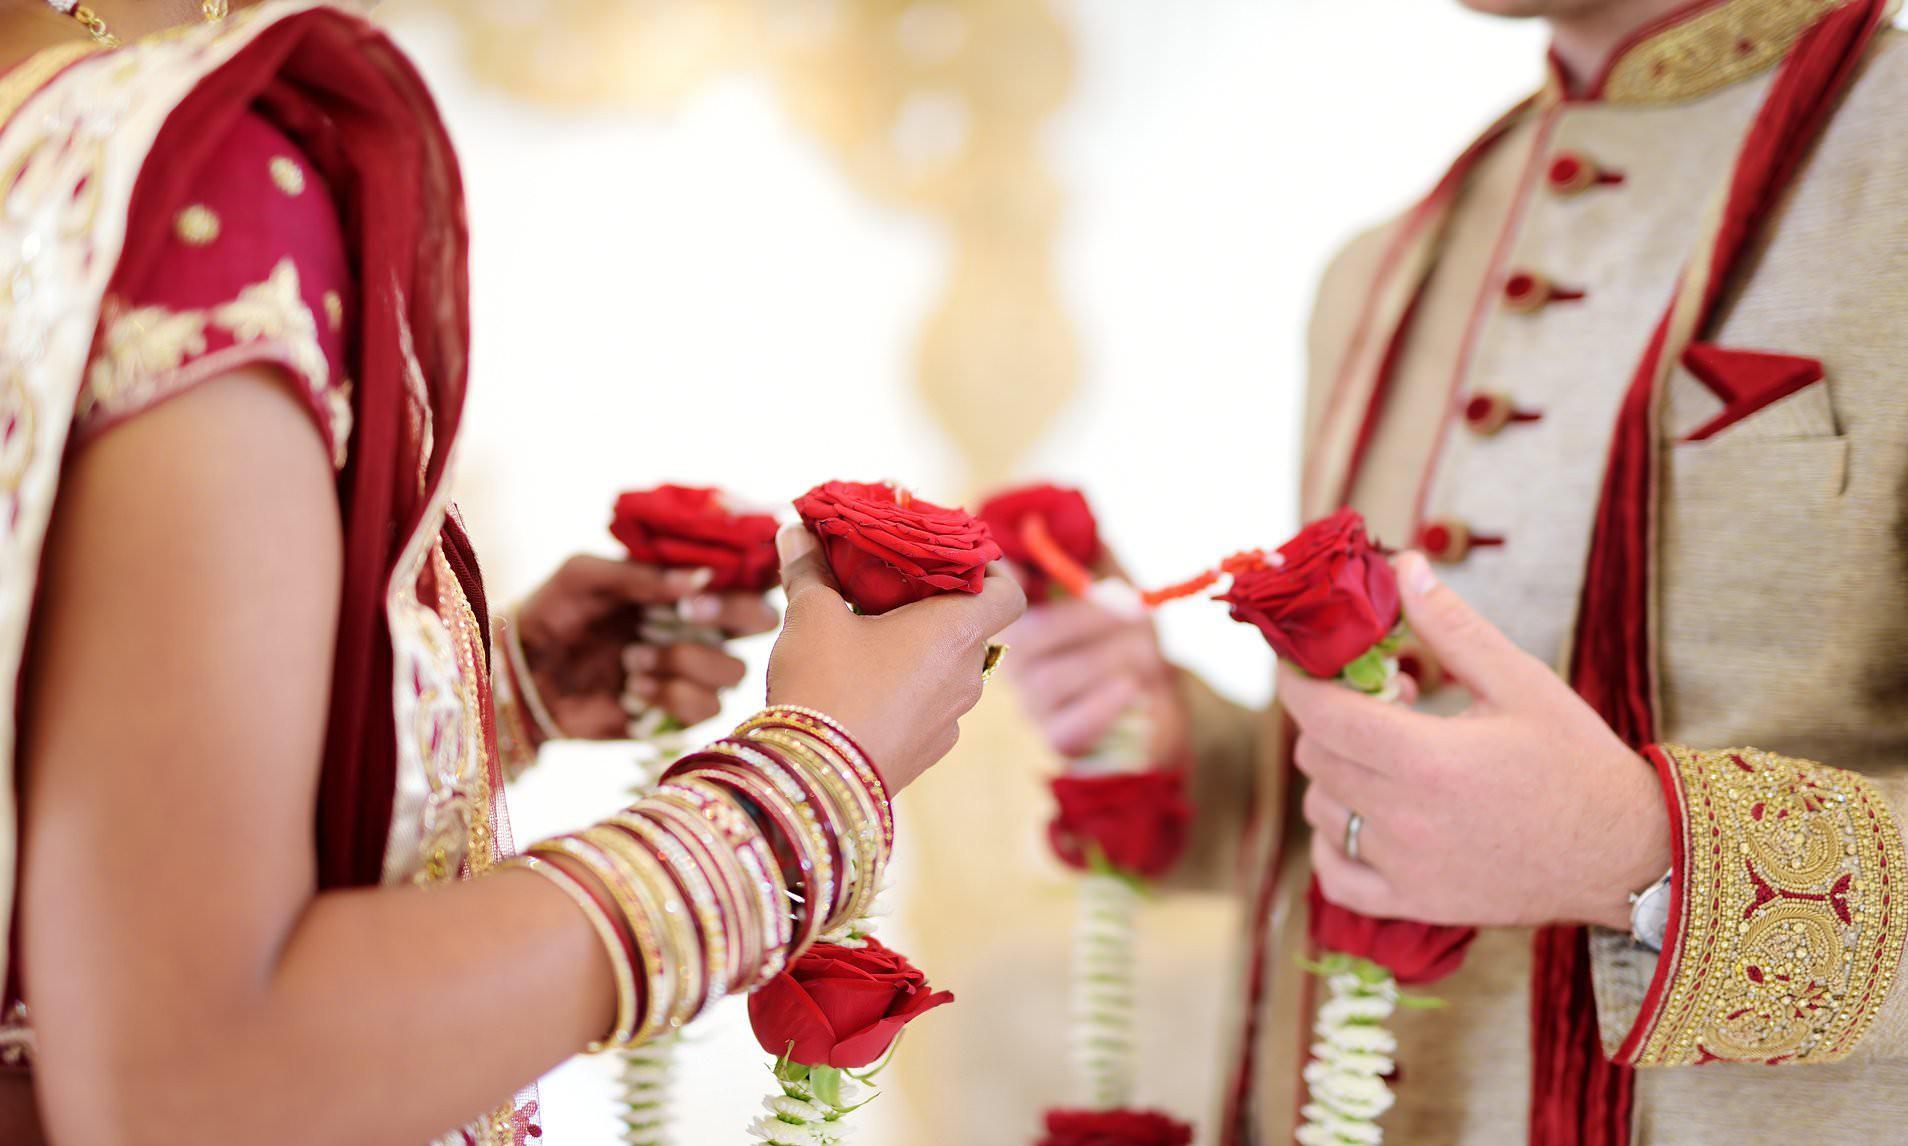 Đám cưới biến thành đám tang: Chú rể tử vong trong ngày trọng đại nhất đời vì phát súng ăn mừng của bạn bè - Ảnh 1.